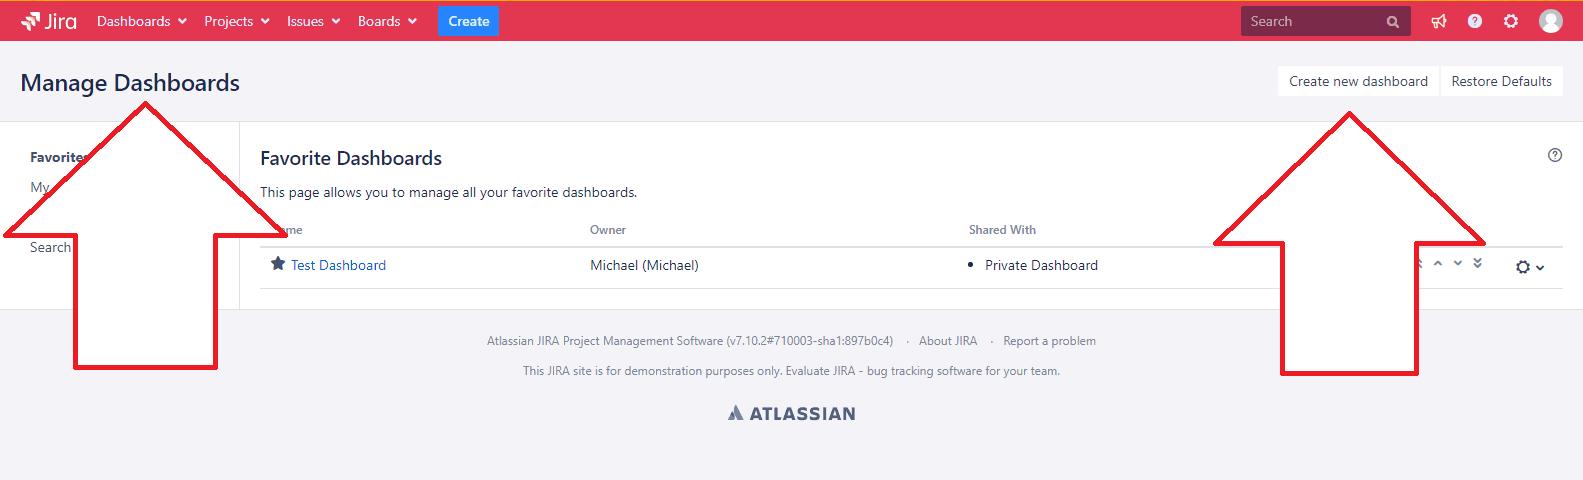 How to create a dashboard in Jira